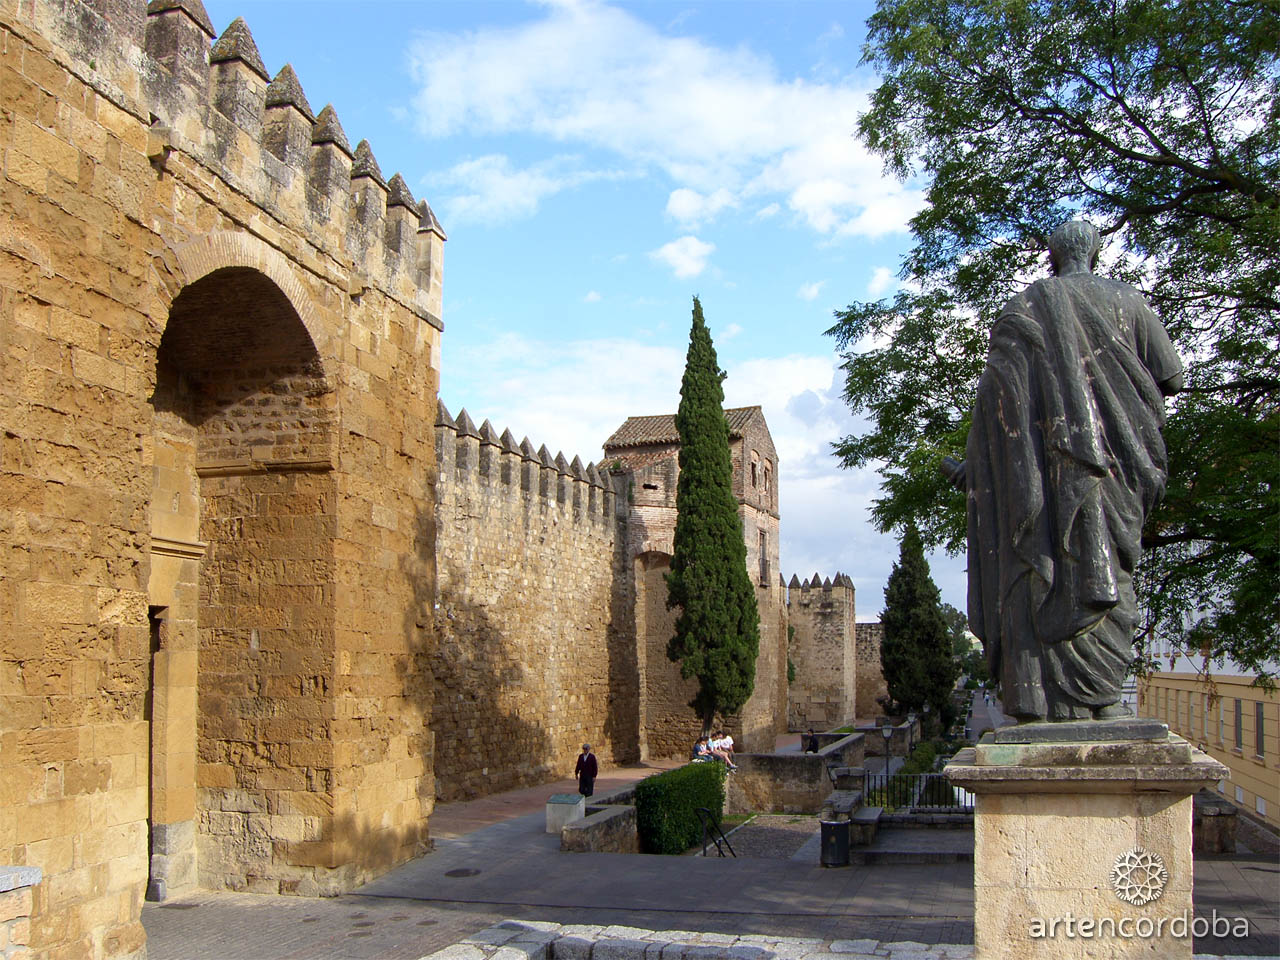 La puerta de Almodóvar, Séneca y la calle Cairuán en Córdoba